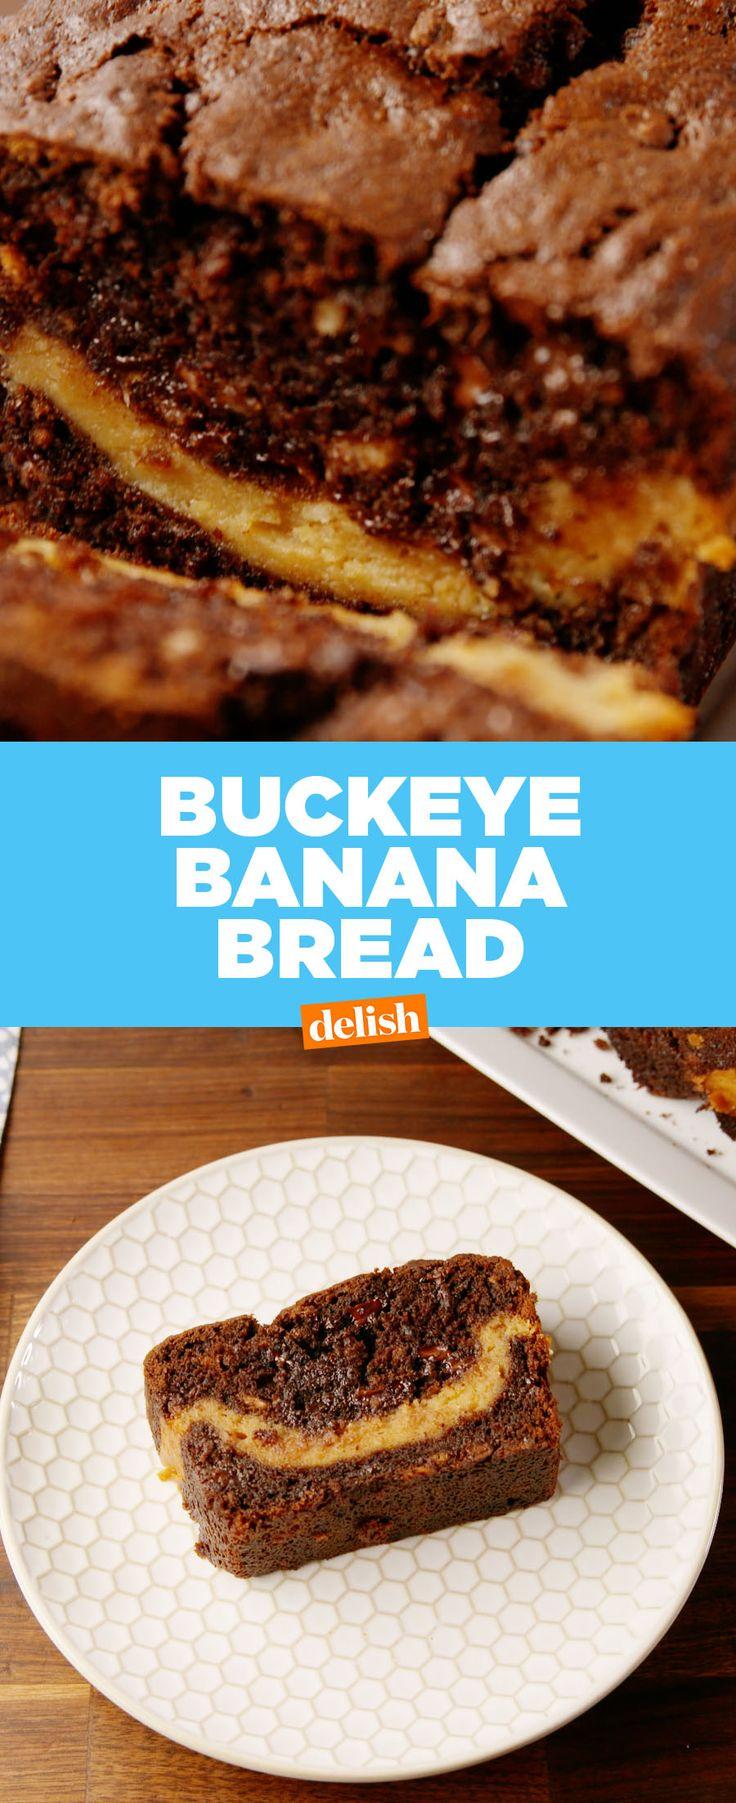 Buckeye Banana Bread